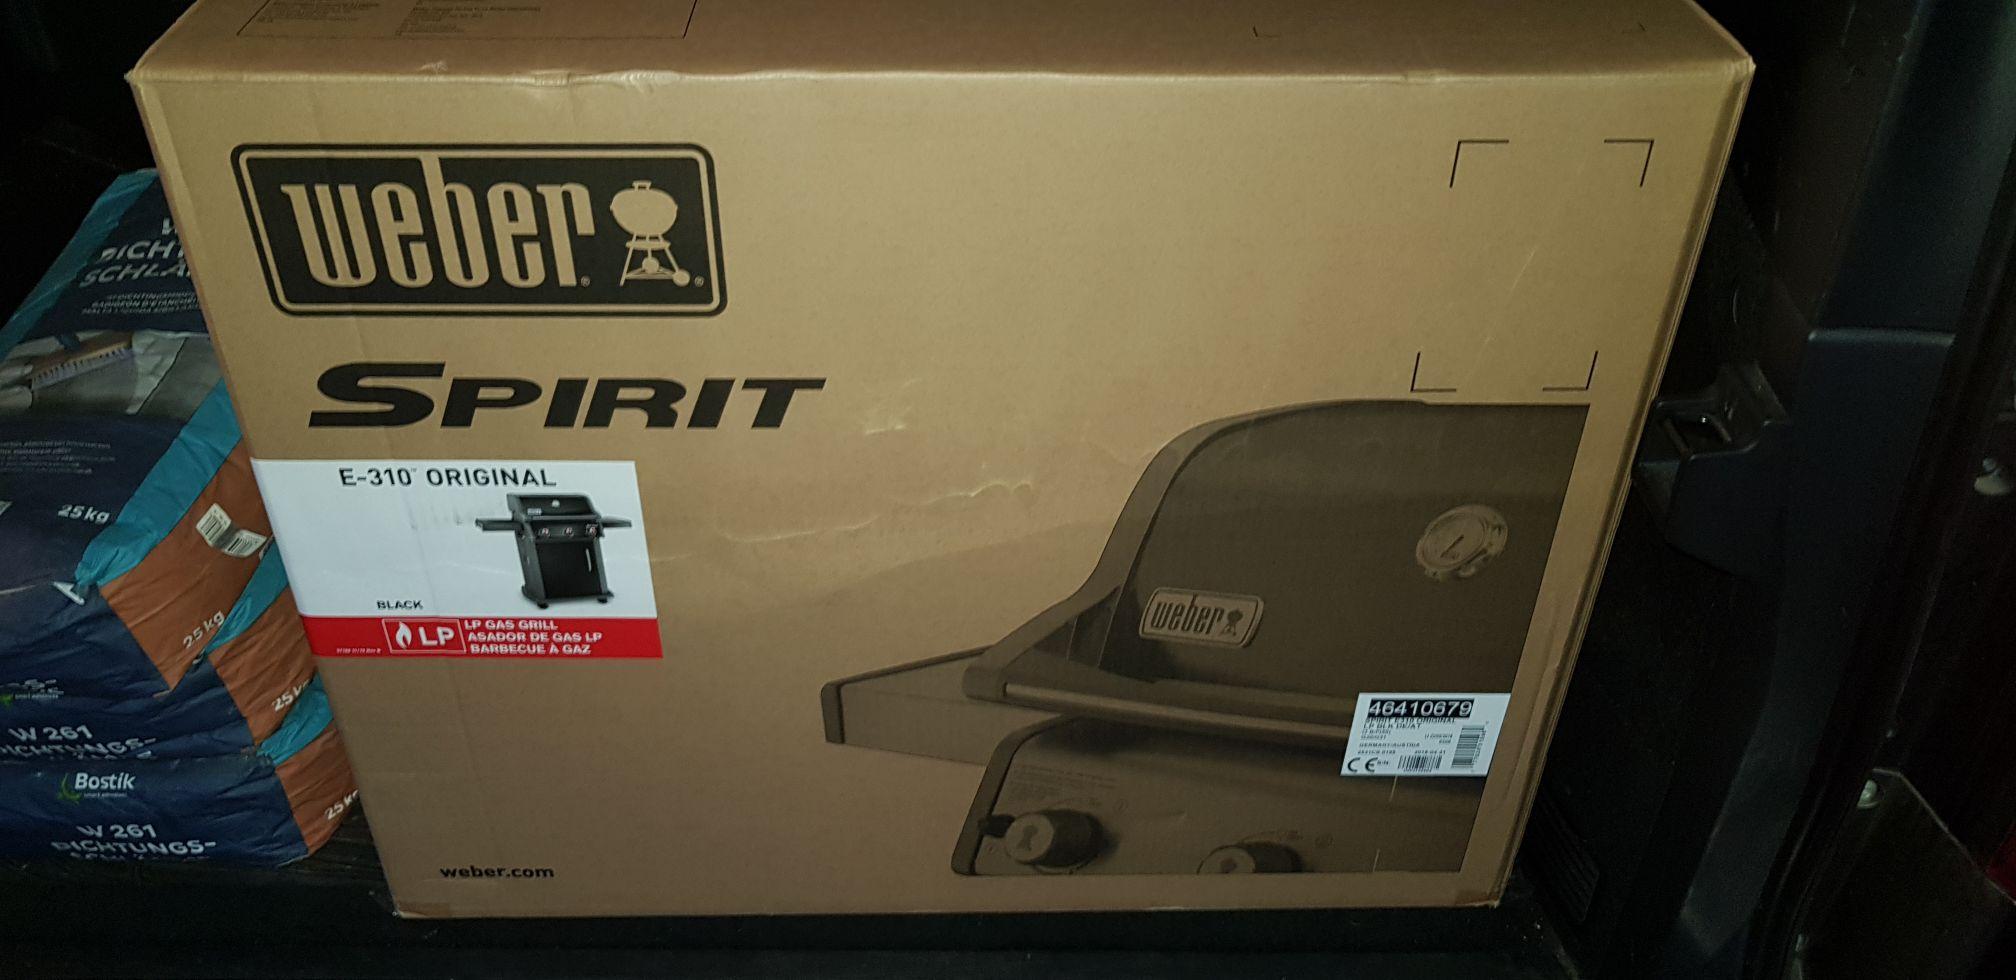 Weber Spirit E 310 Original schwarz. Dank 20% Globus Baumarkt und TPG bei Hornbach nur heute und morgen